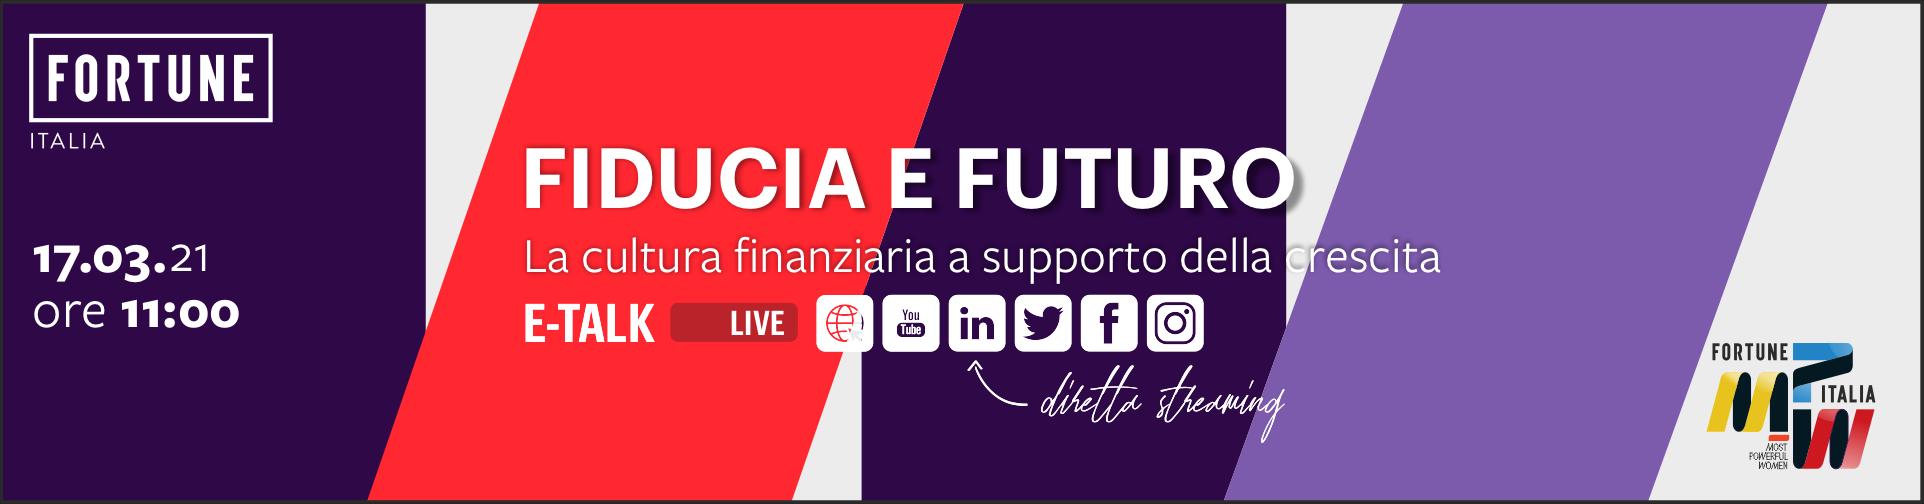 """eTalk MPW - Most Powerful Women """"Fiducia e Futuro - cultura finanziaria a supporto della crescita - 17 marzo 2021 - dalle ore 11:00 alle ore 12:00 - diretta sui canali social LinkedIn/Facebook e sul sito di Fortune"""